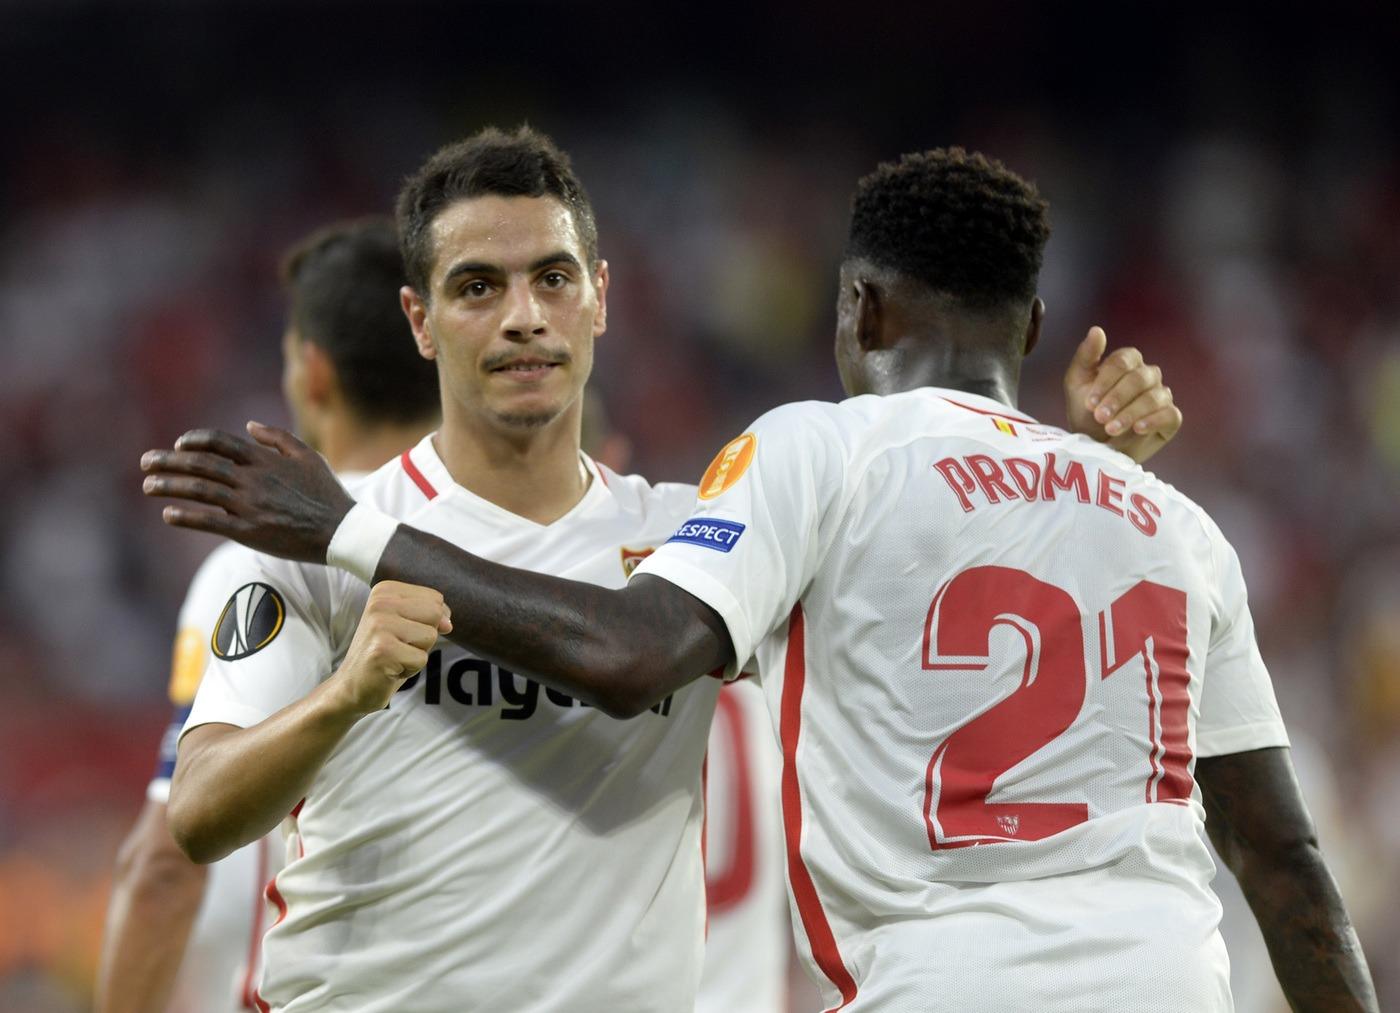 LaLiga, Siviglia-Espanyol domenica 11 novembre: analisi e pronostico della 12ma giornata del campionato spagnolo